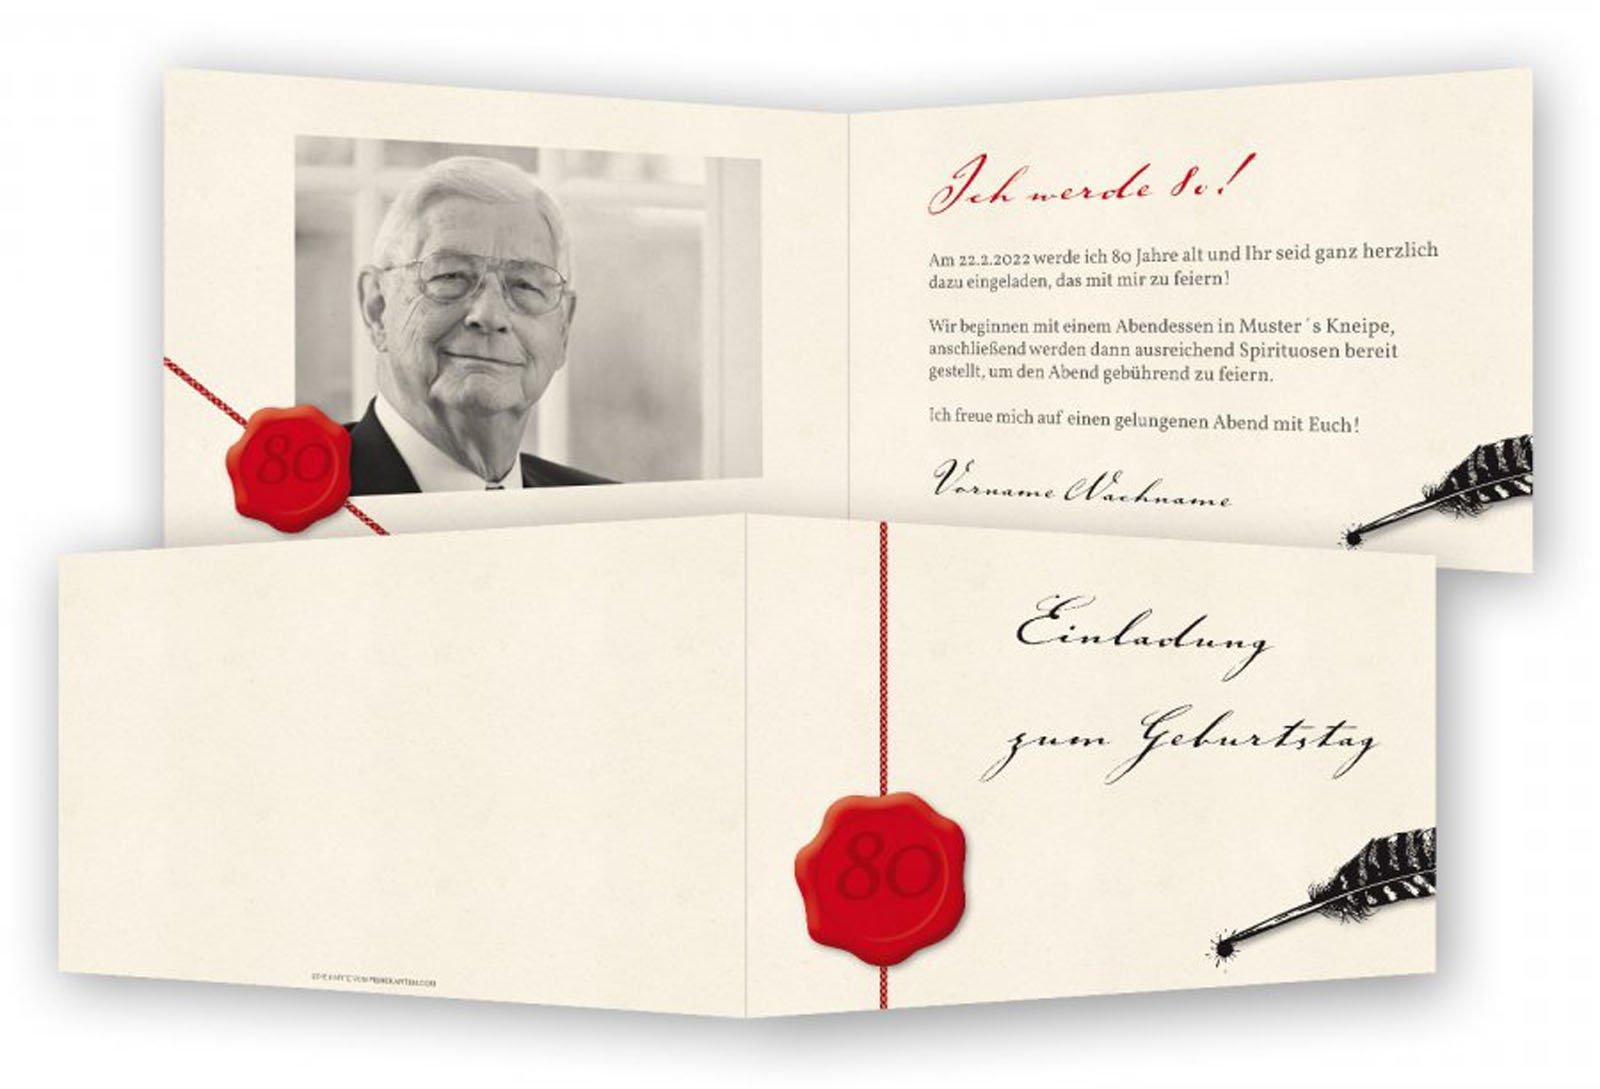 einladung 80 geburtstag : einladung 80 geburtstag spruch, Einladung